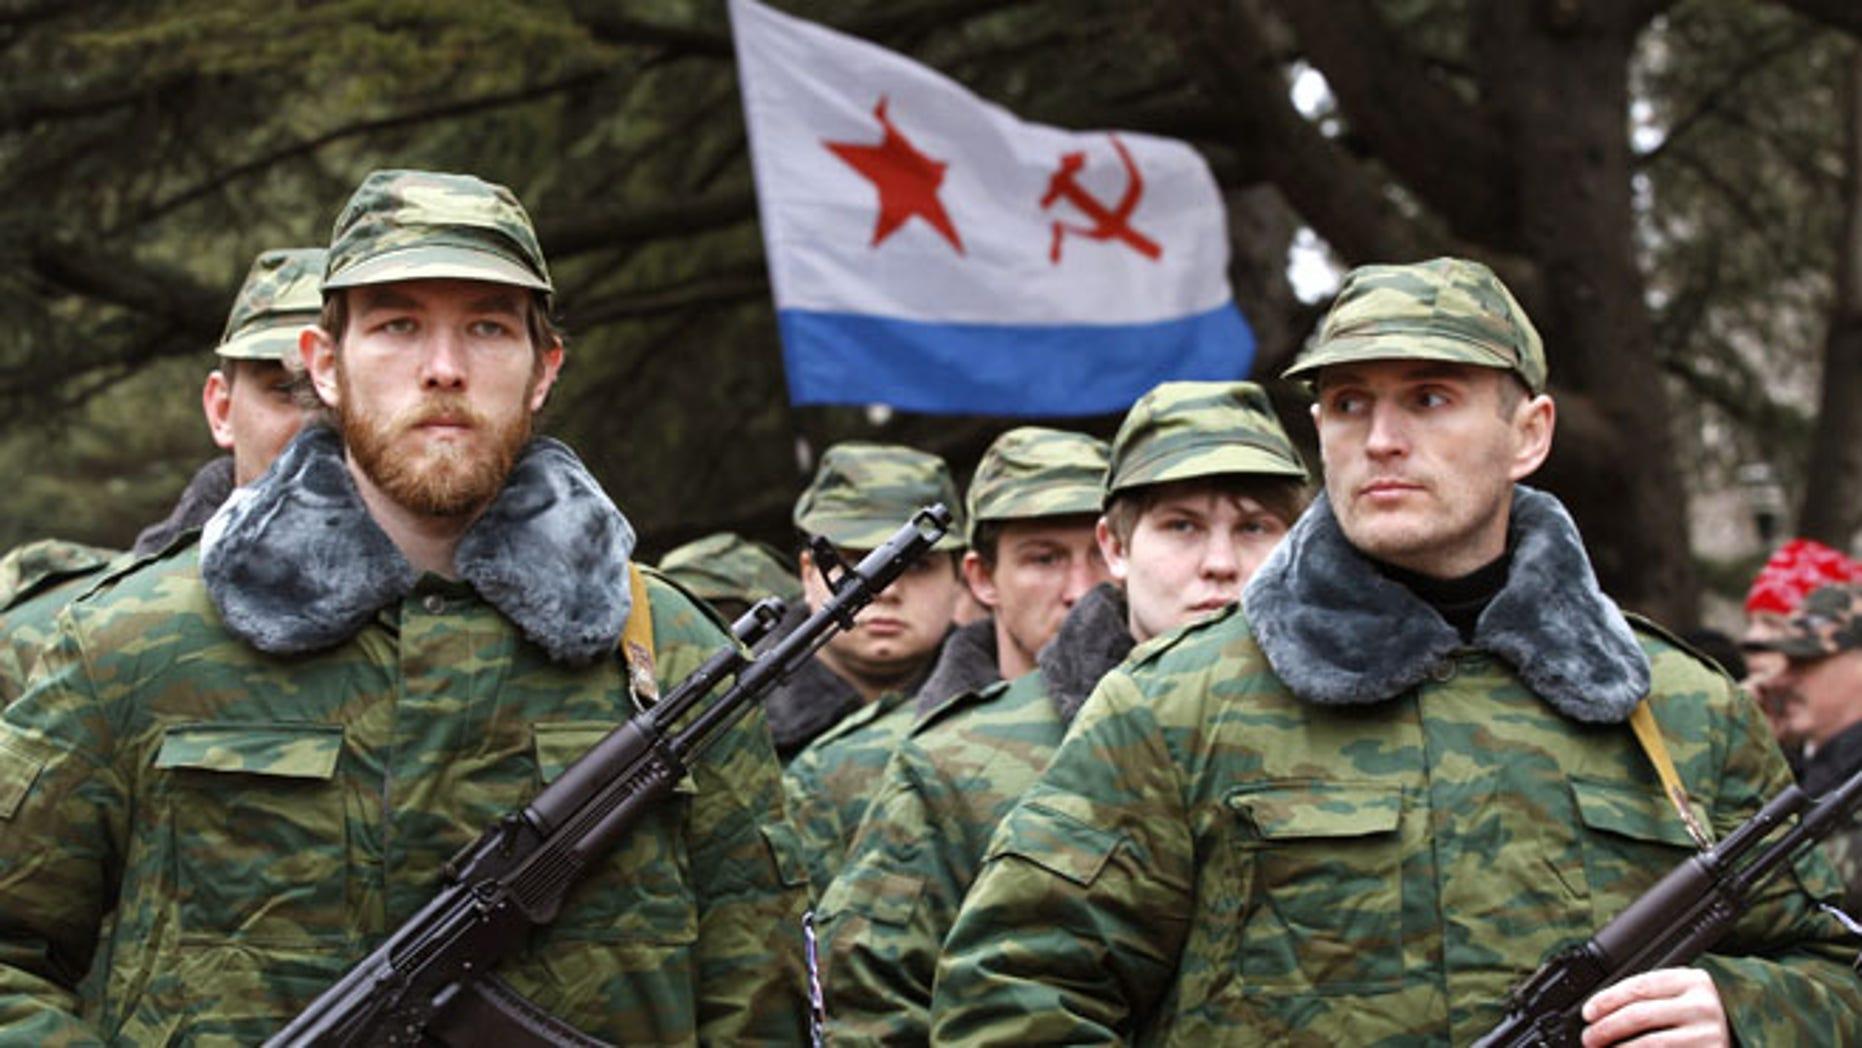 March 8, 2014: Members of a pro-Russian self-defense unit in Simferopol, Ukraine.